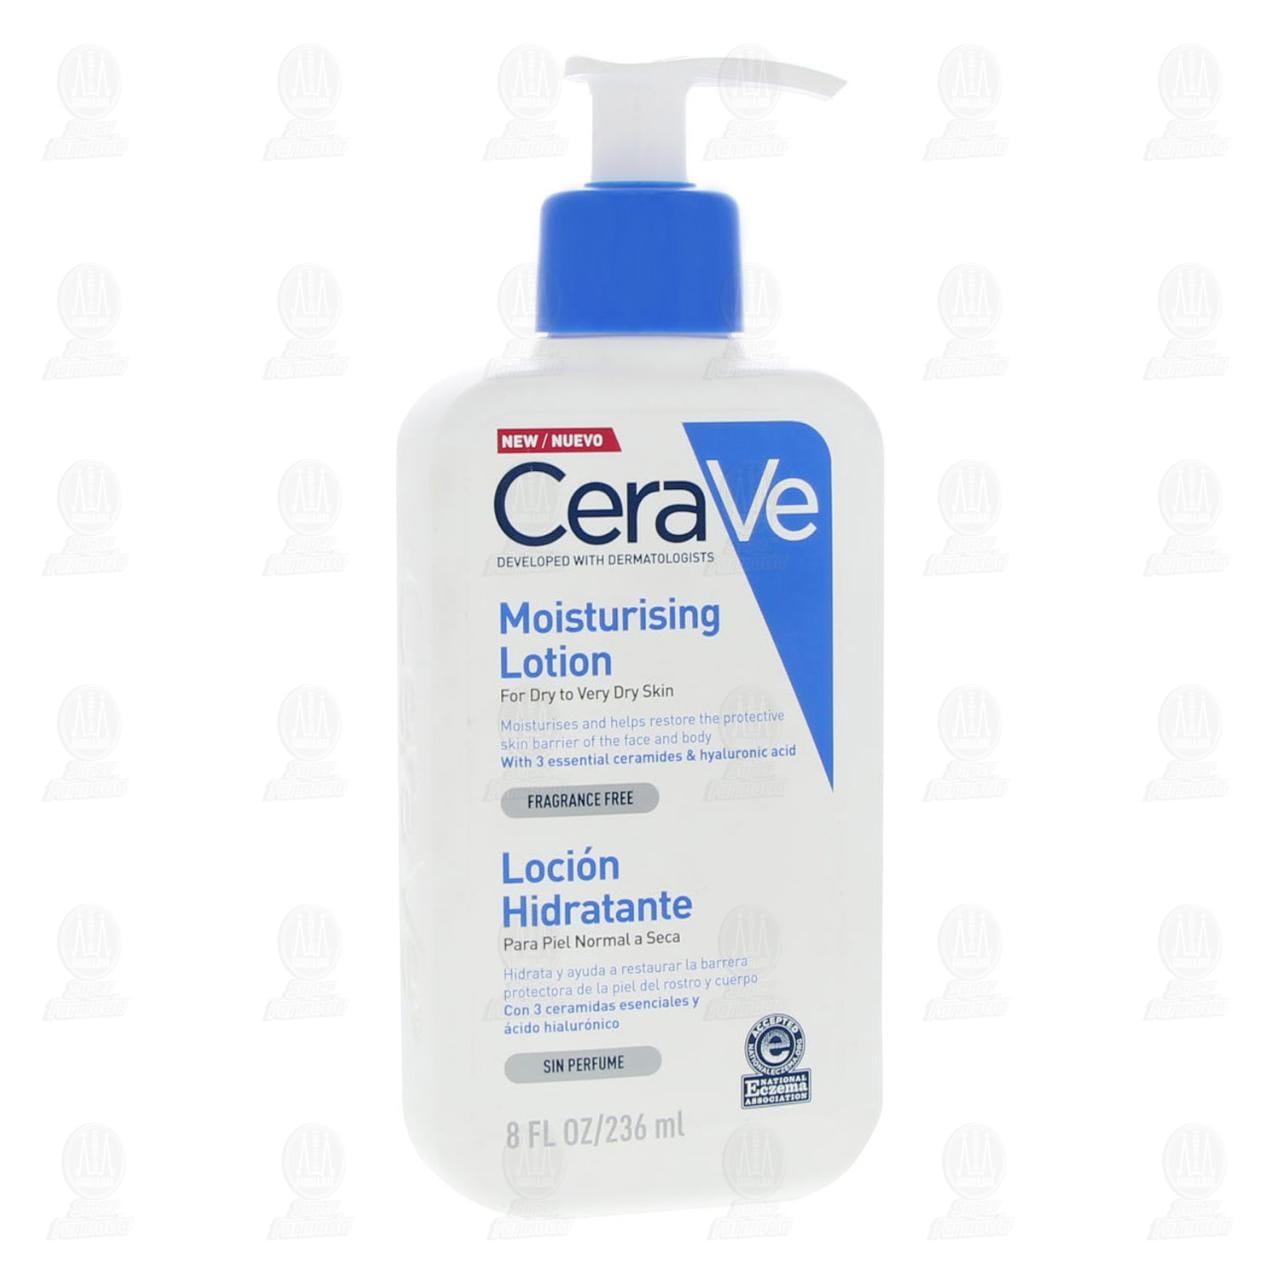 Comprar CeraVe Loción Hidratante, 236 ml. en Farmacias Guadalajara